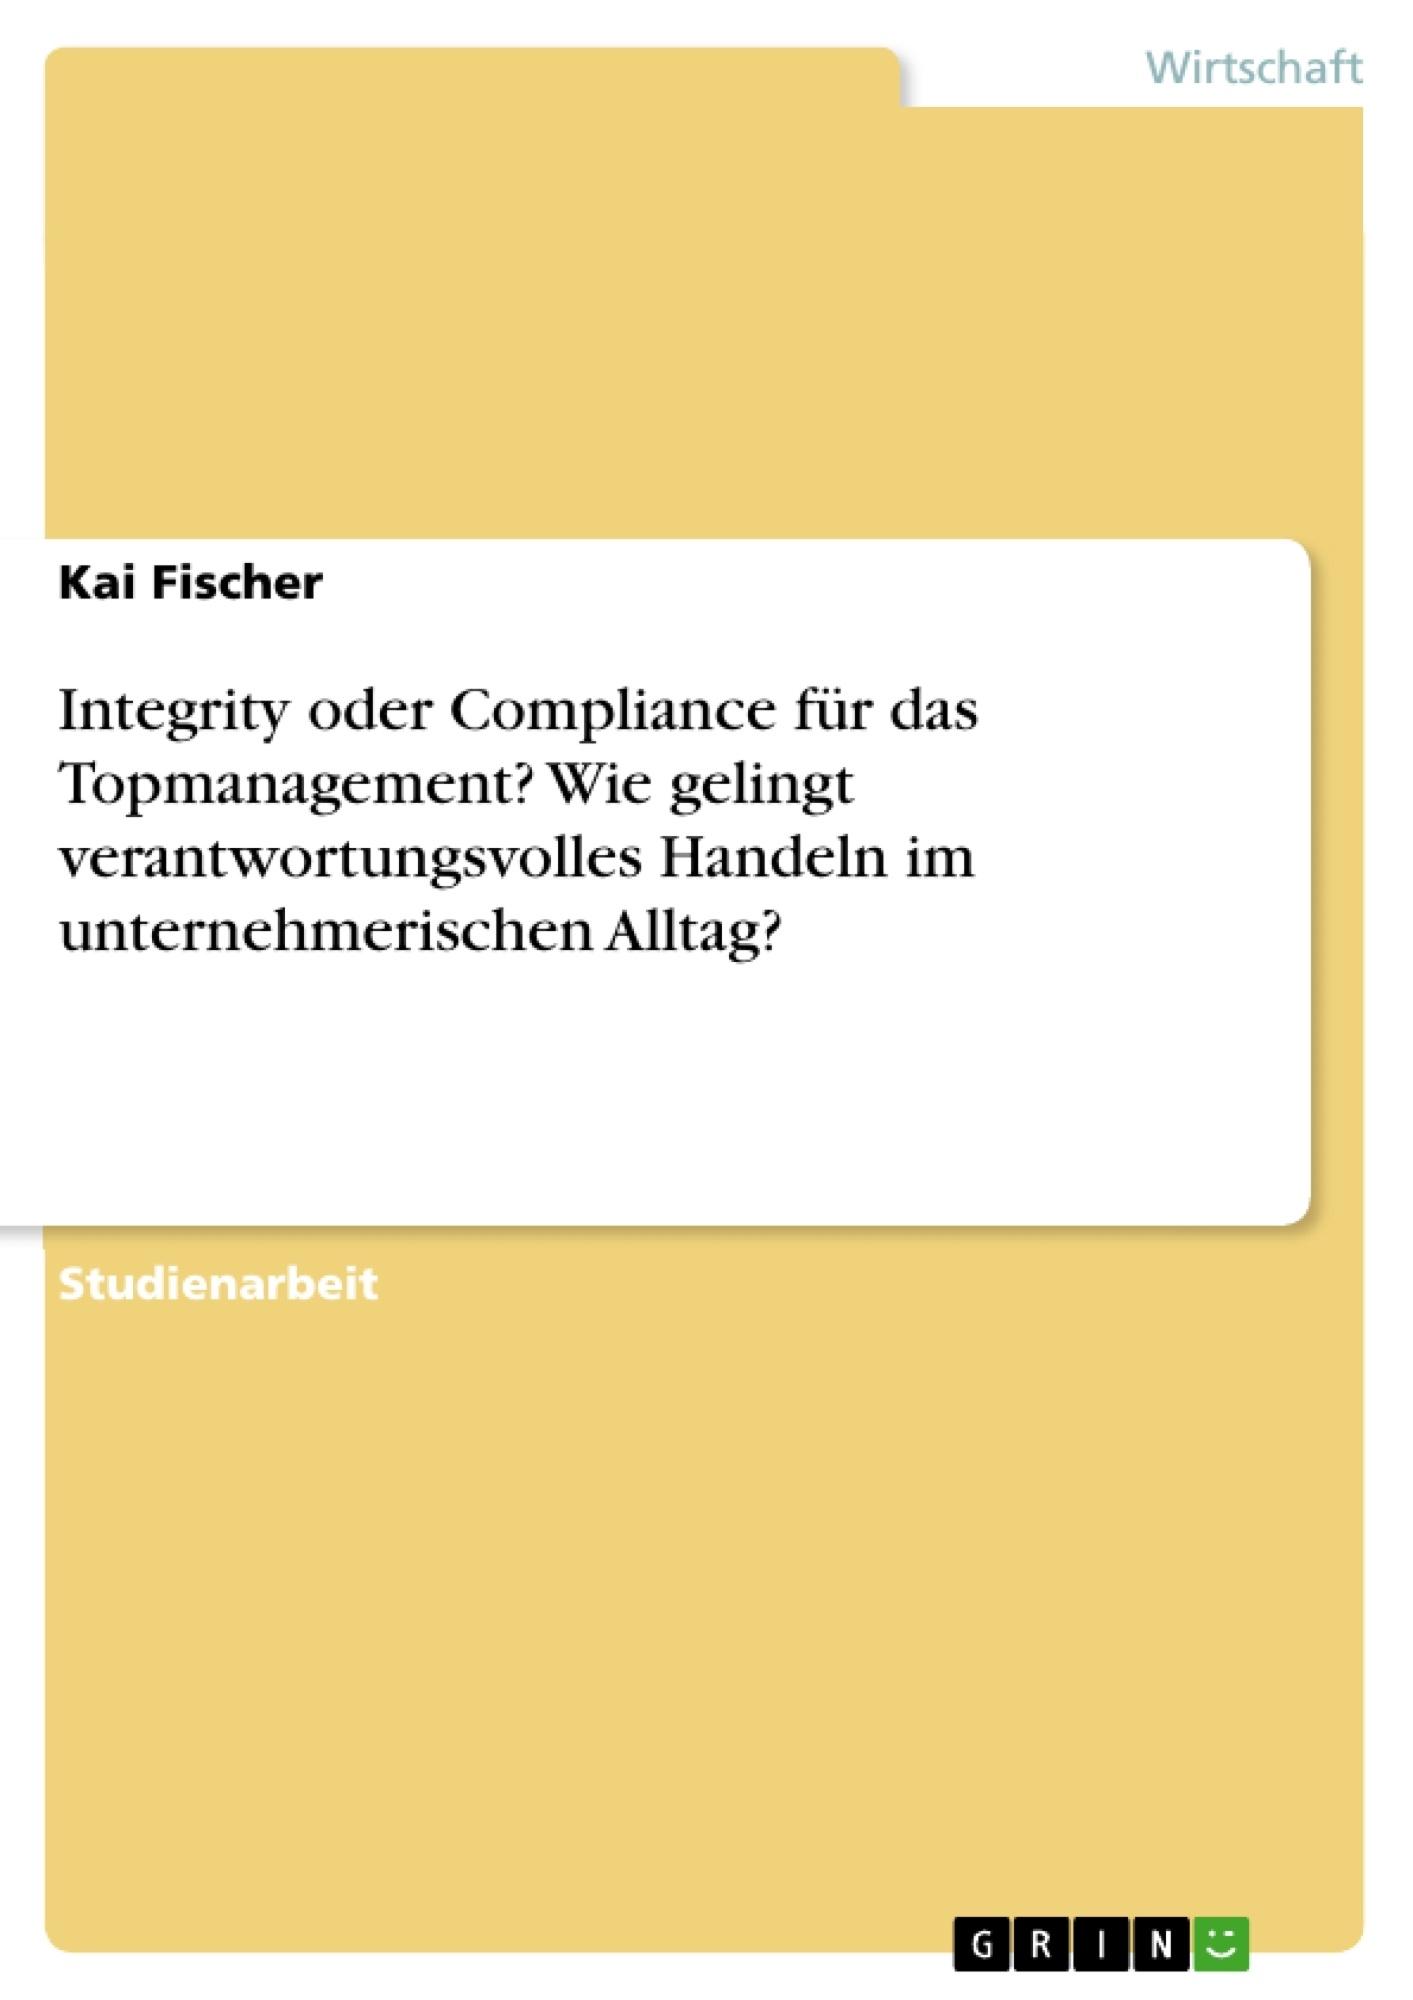 Titel: Integrity oder Compliance für das Topmanagement? Wie gelingt verantwortungsvolles Handeln im unternehmerischen Alltag?